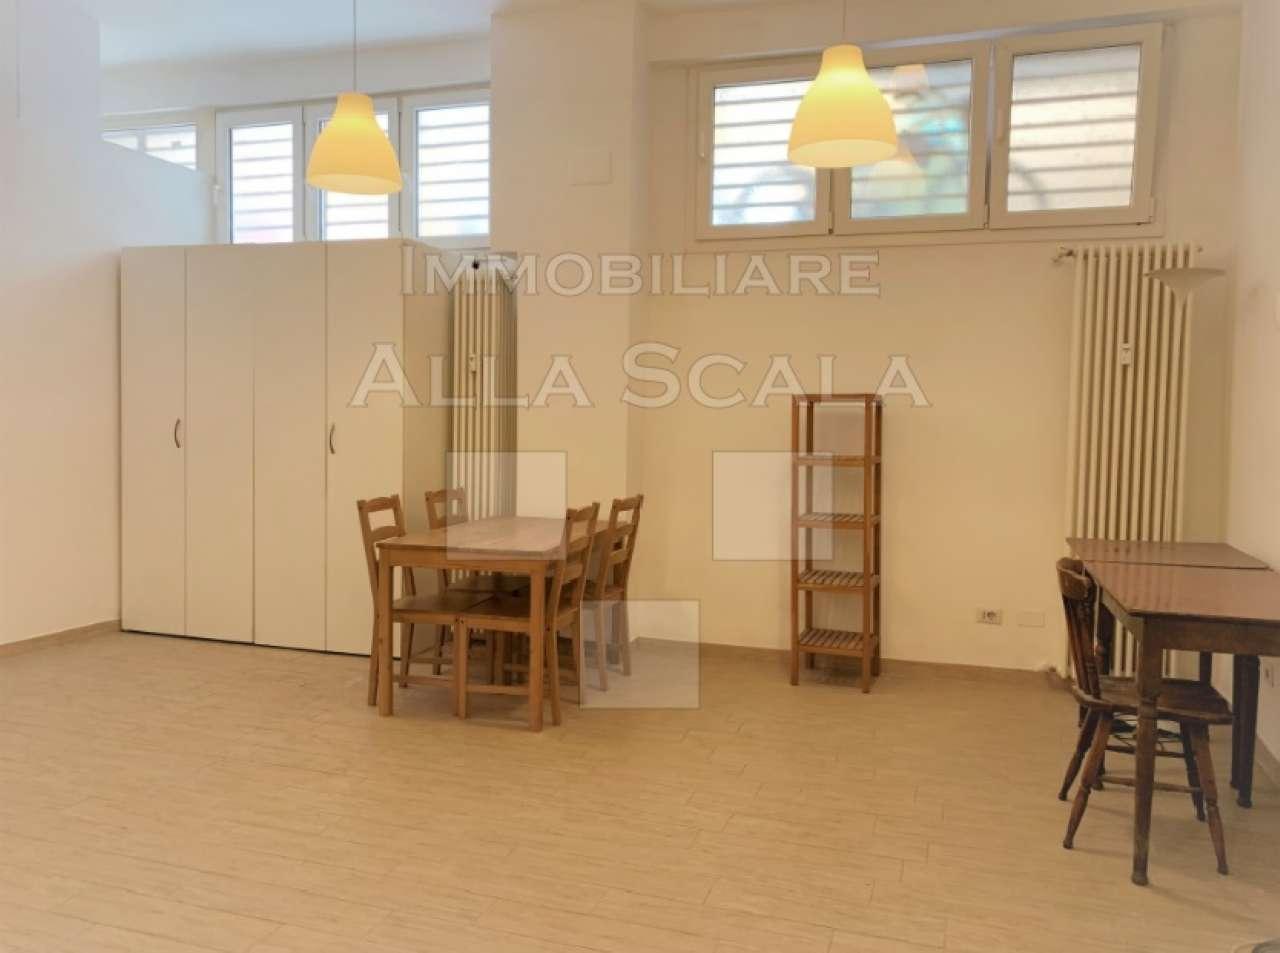 Appartamento in Vendita a Milano 15 Castelbarco / Argelati / Navigli: 1 locali, 45 mq